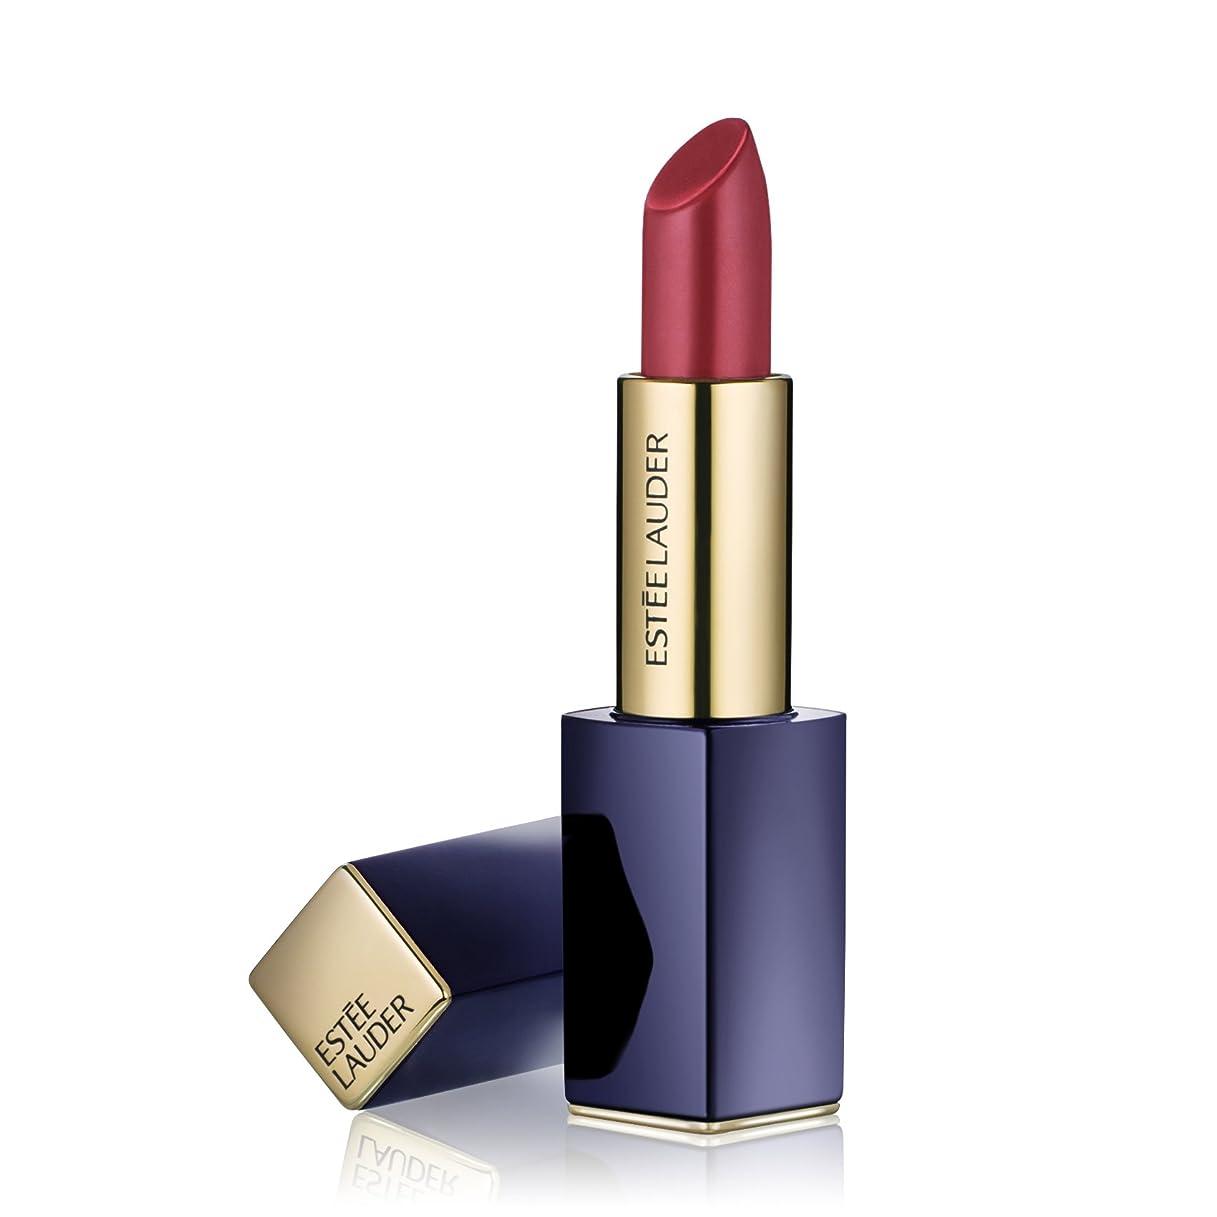 歌詞節約する失礼なエスティローダー Pure Color Envy Sculpting Lipstick - # 240 Tumultuous Pink 3.5g/0.12oz